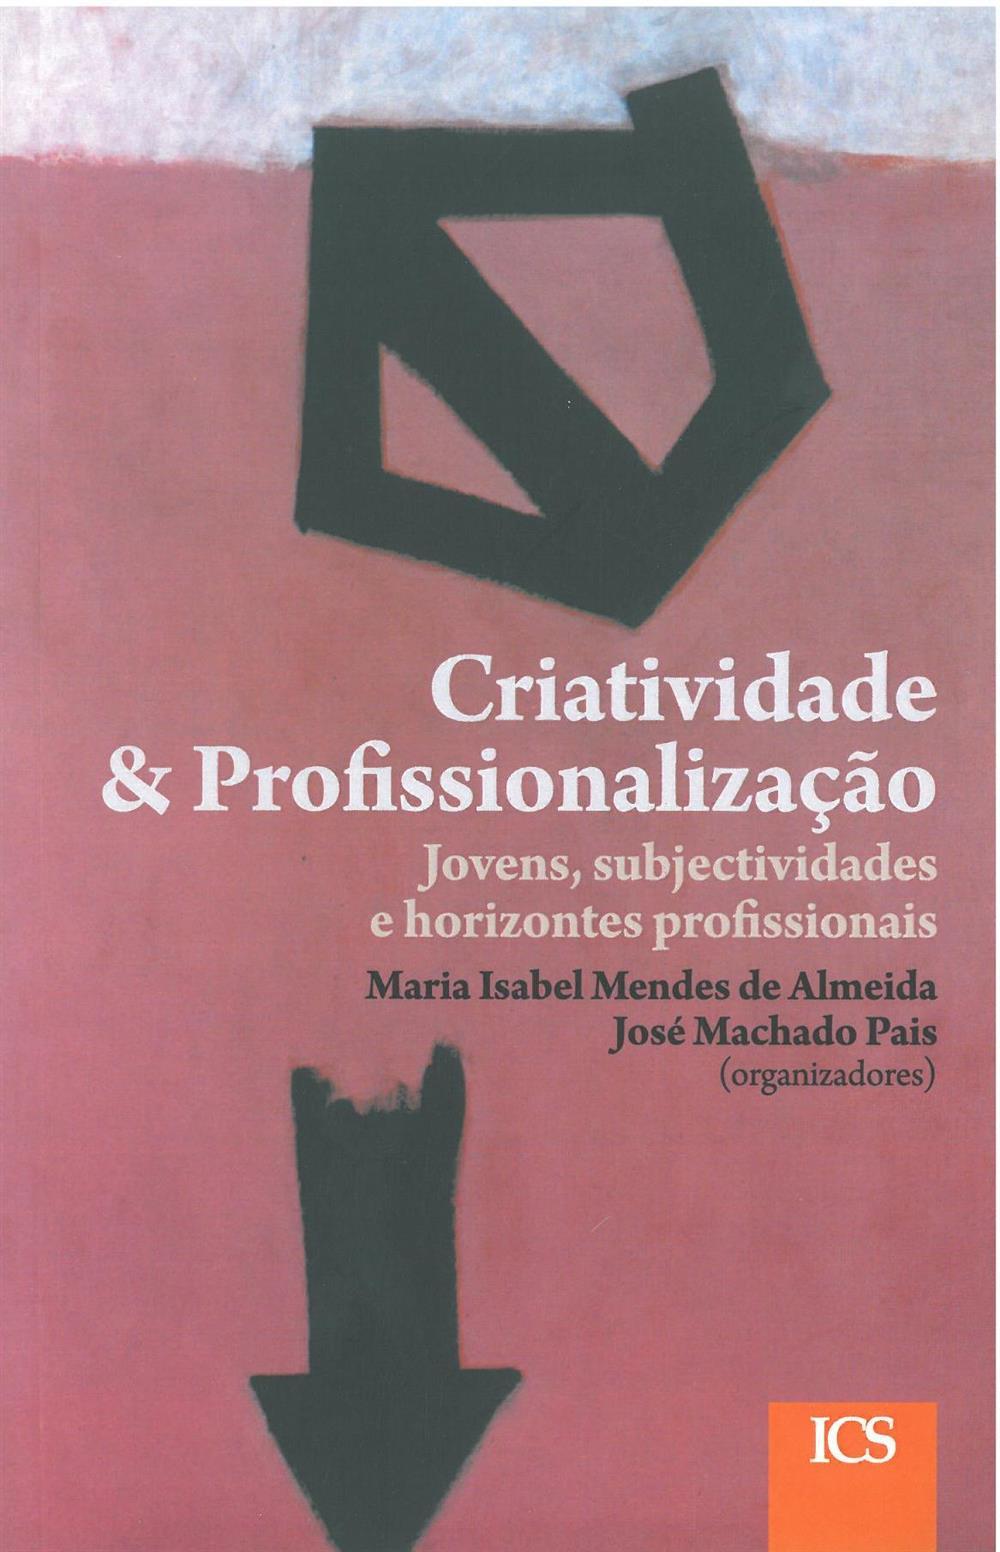 Criatividade & profissionalização.jpg